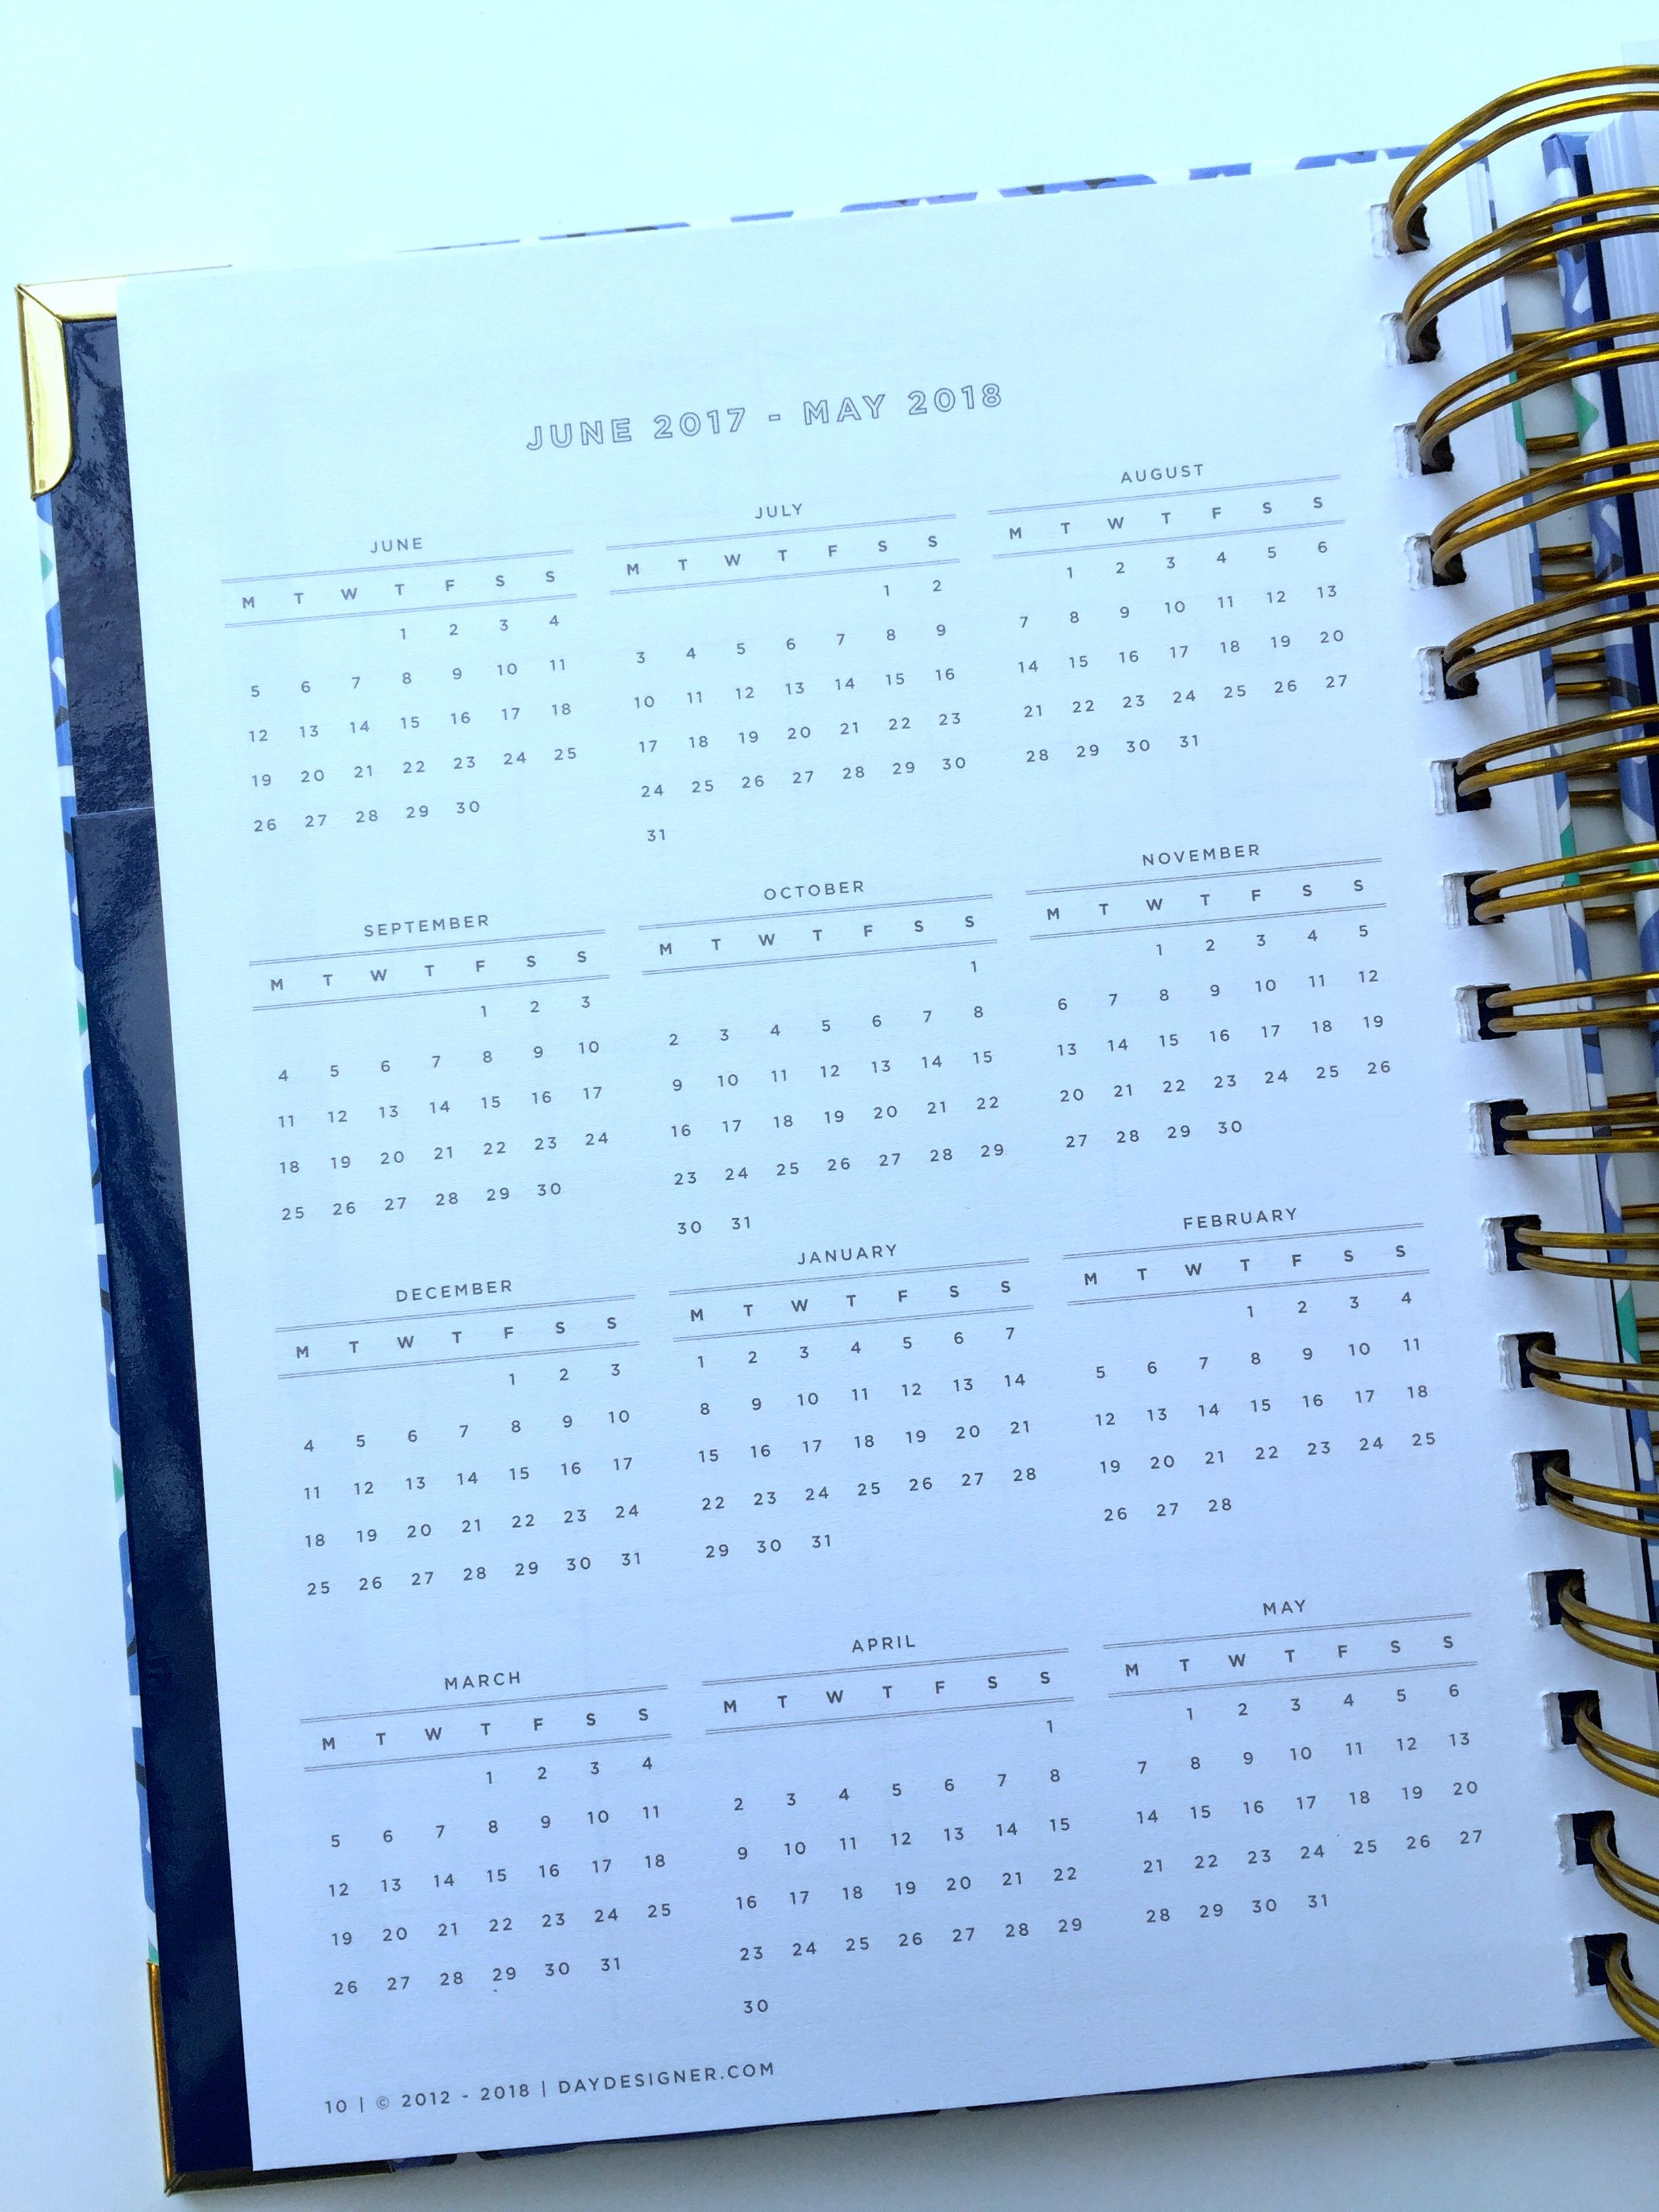 The Mini Yearly Calendar